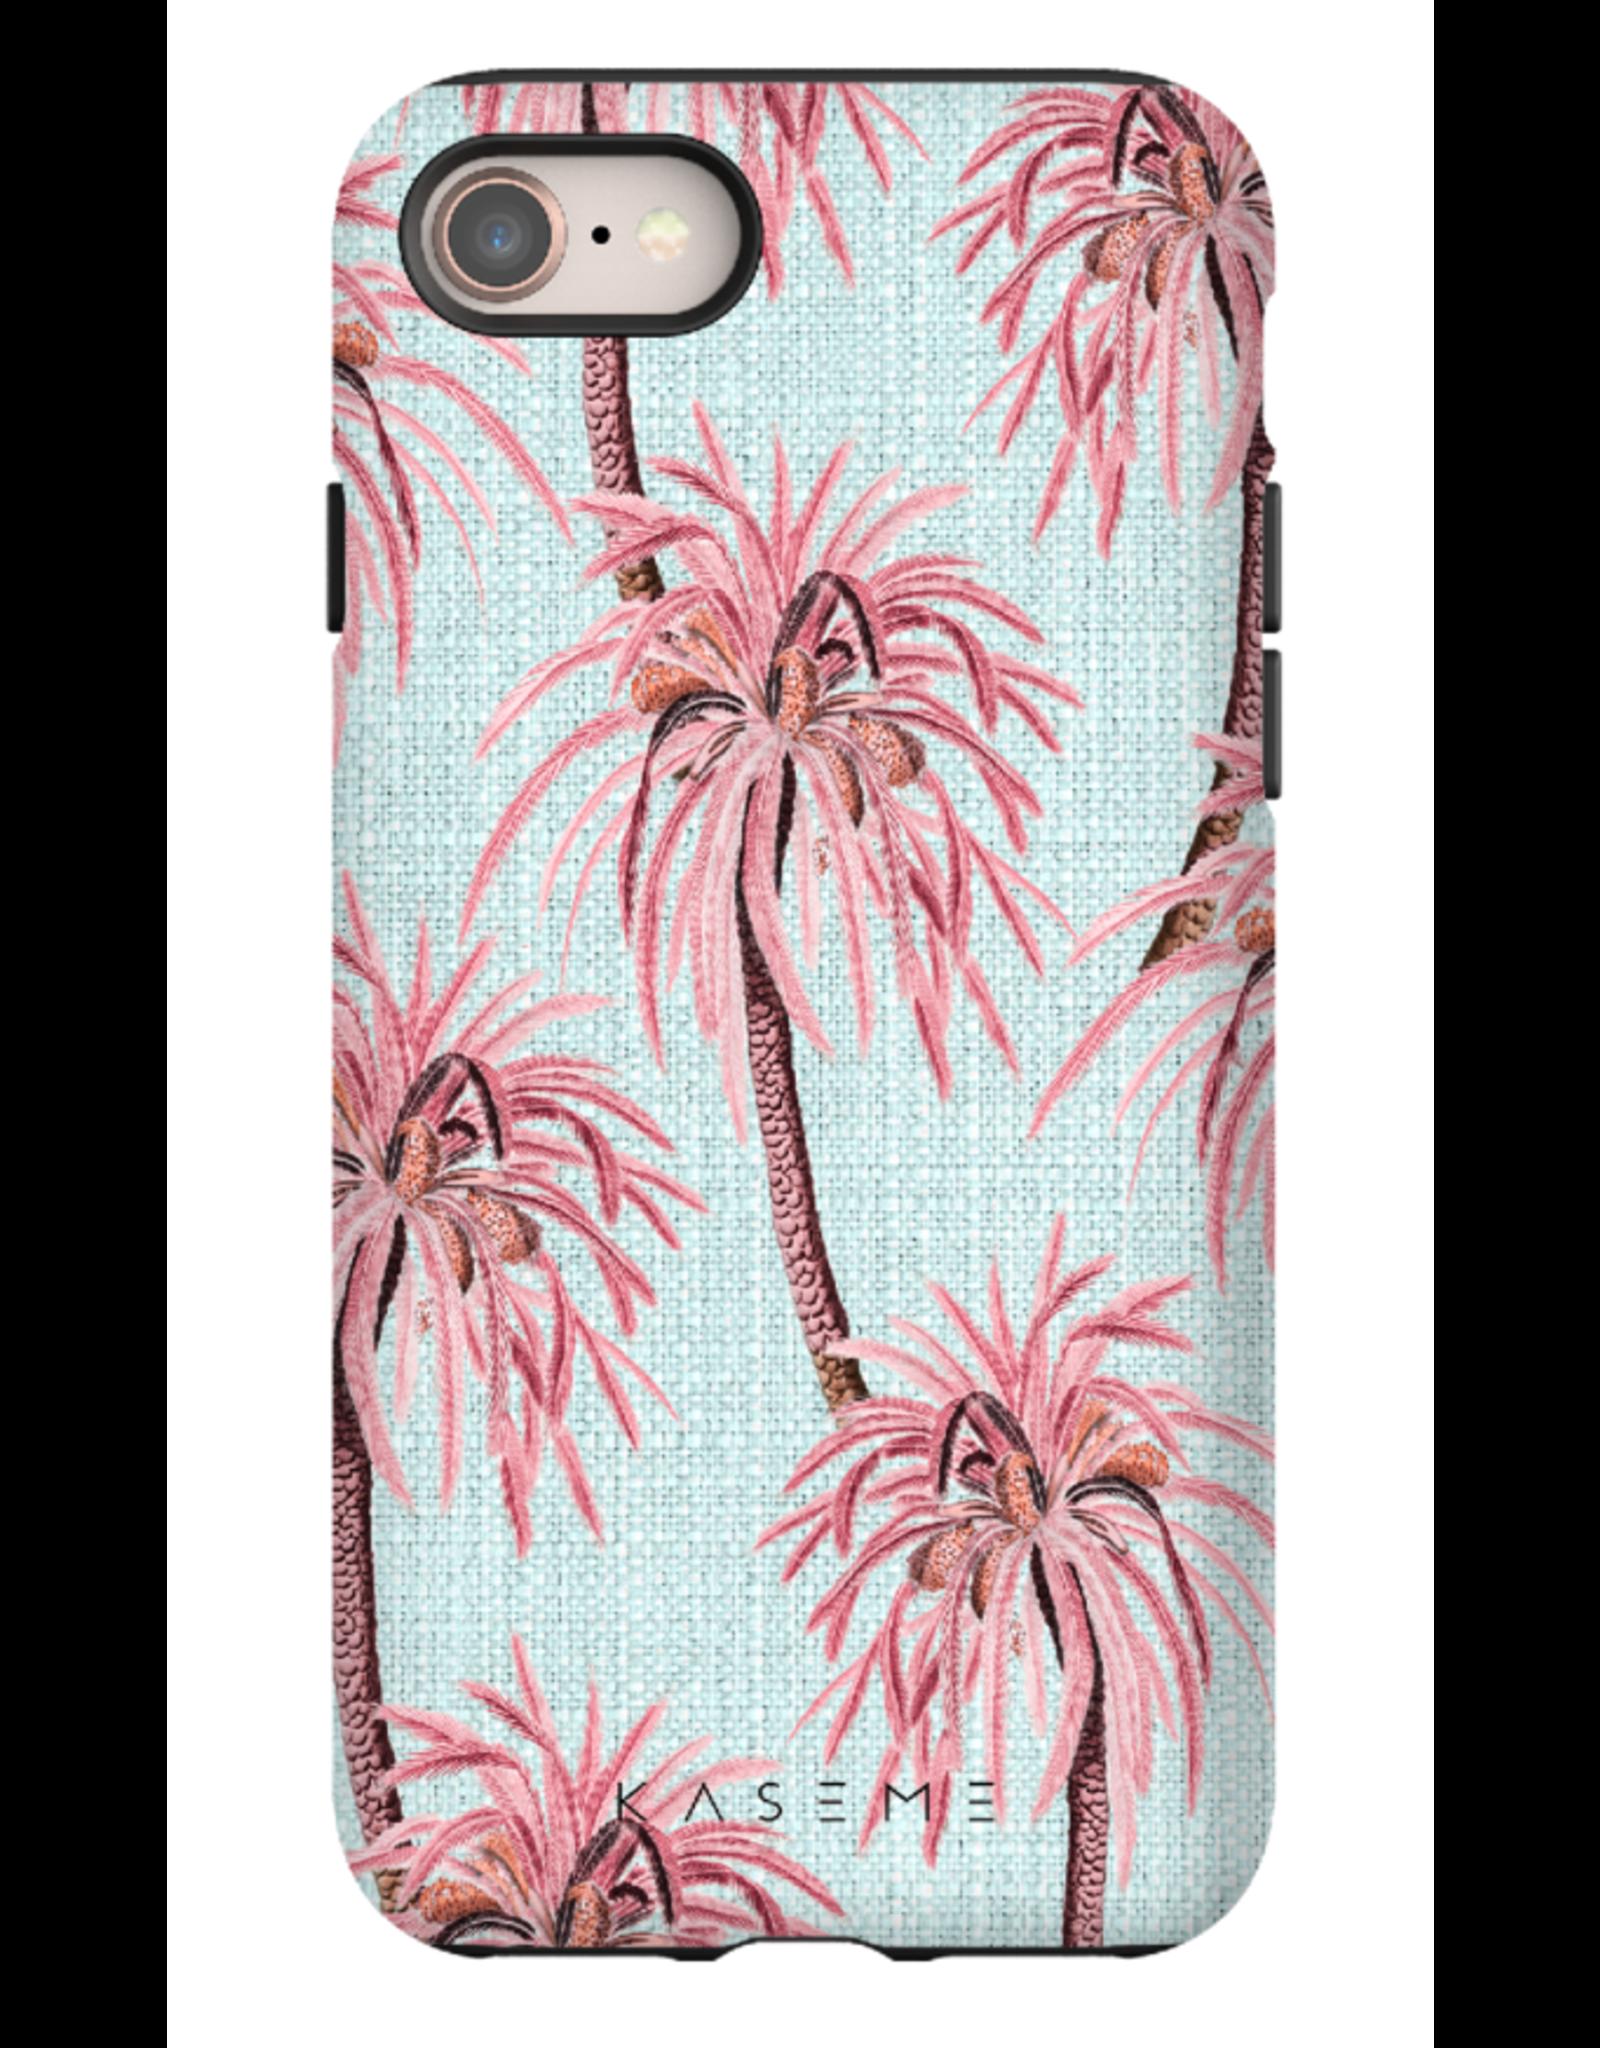 Kaseme Kaseme - étui cellulaire iPhone palmera